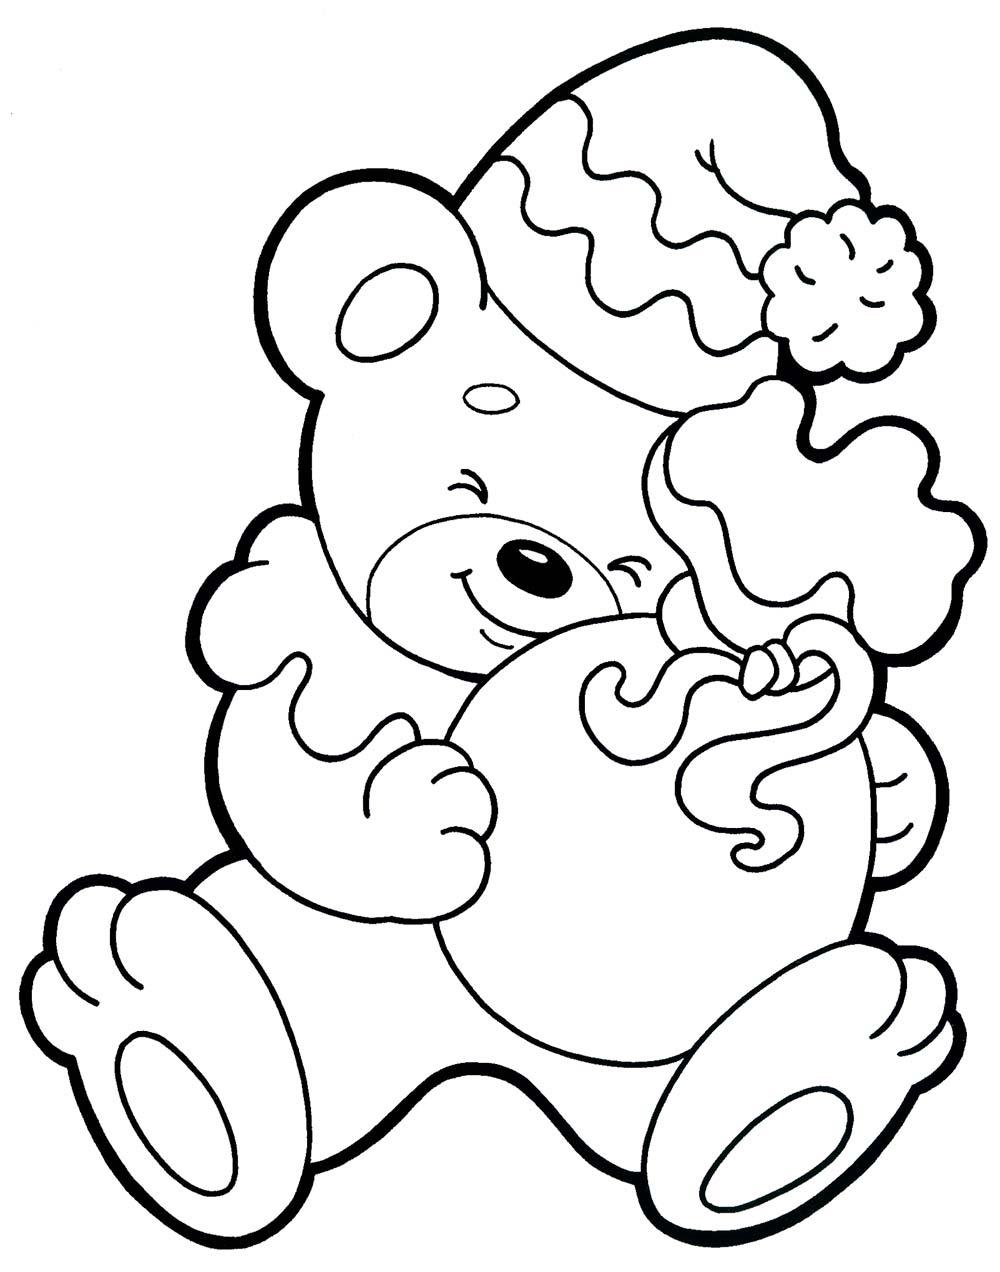 новорічні розмальовки, ведмедик